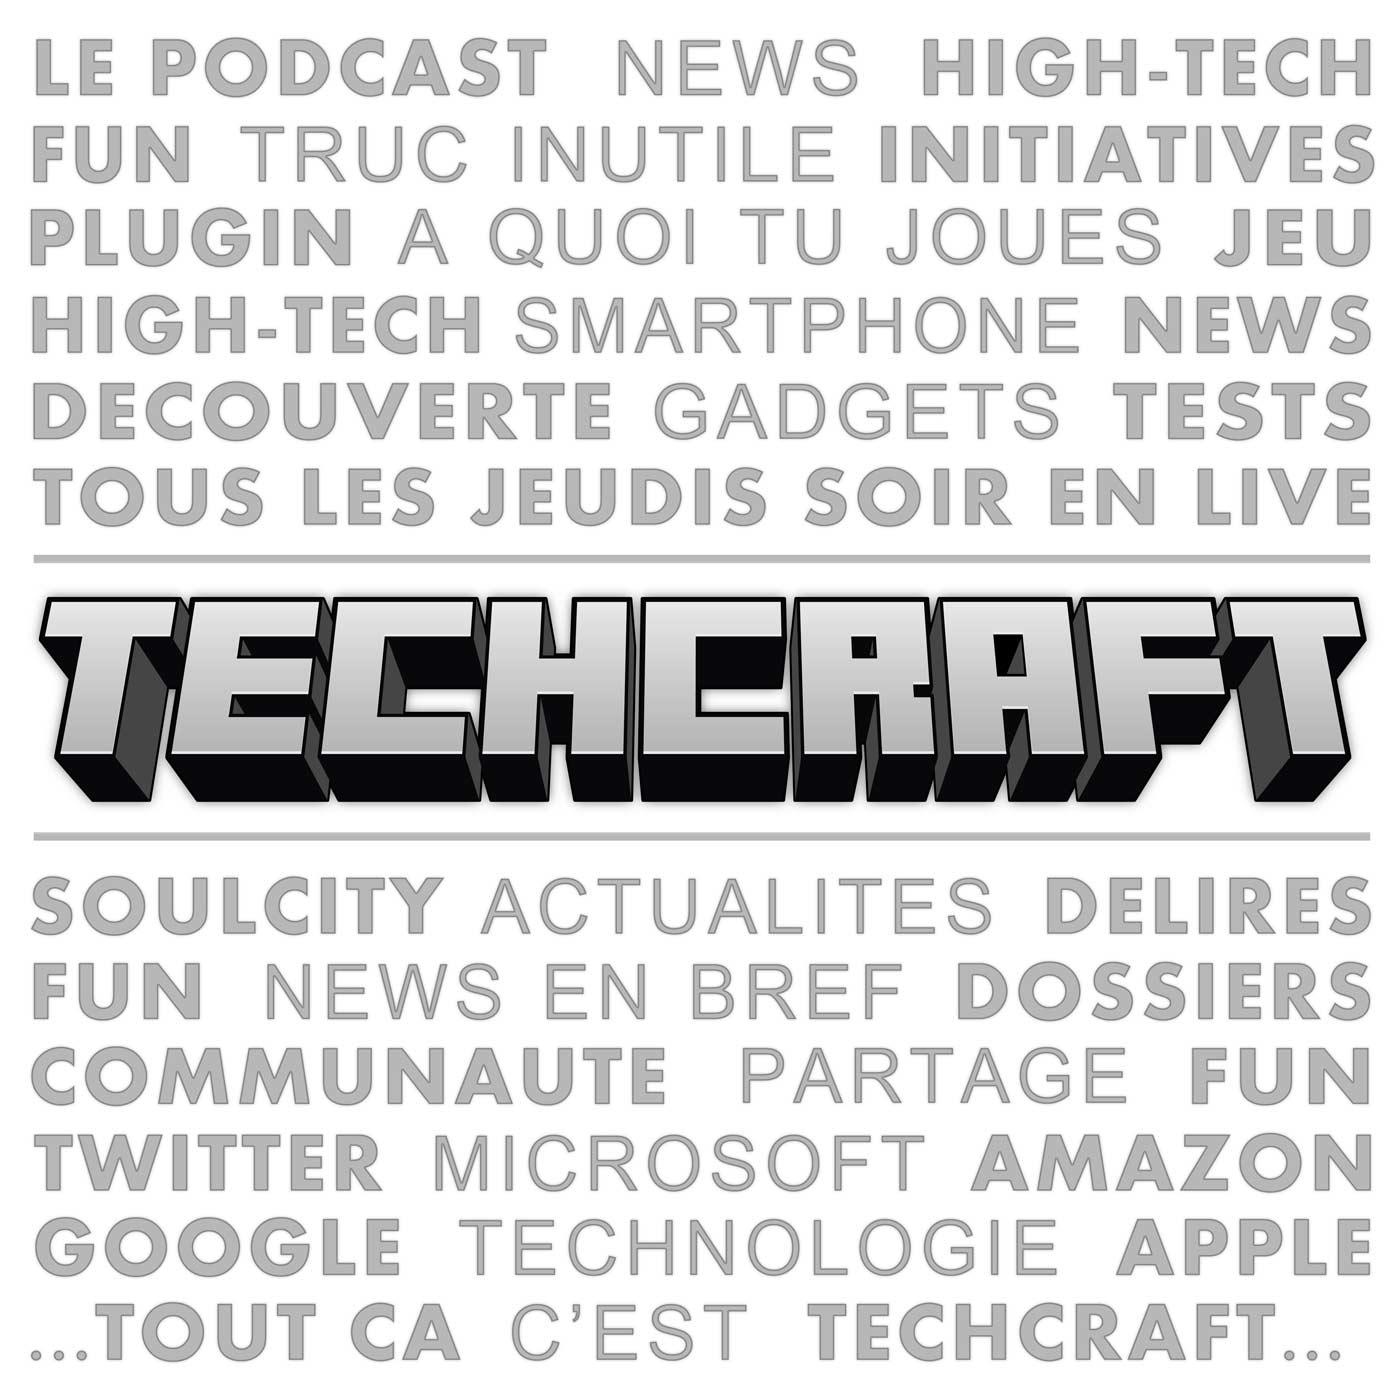 <![CDATA[TechCraft]]>